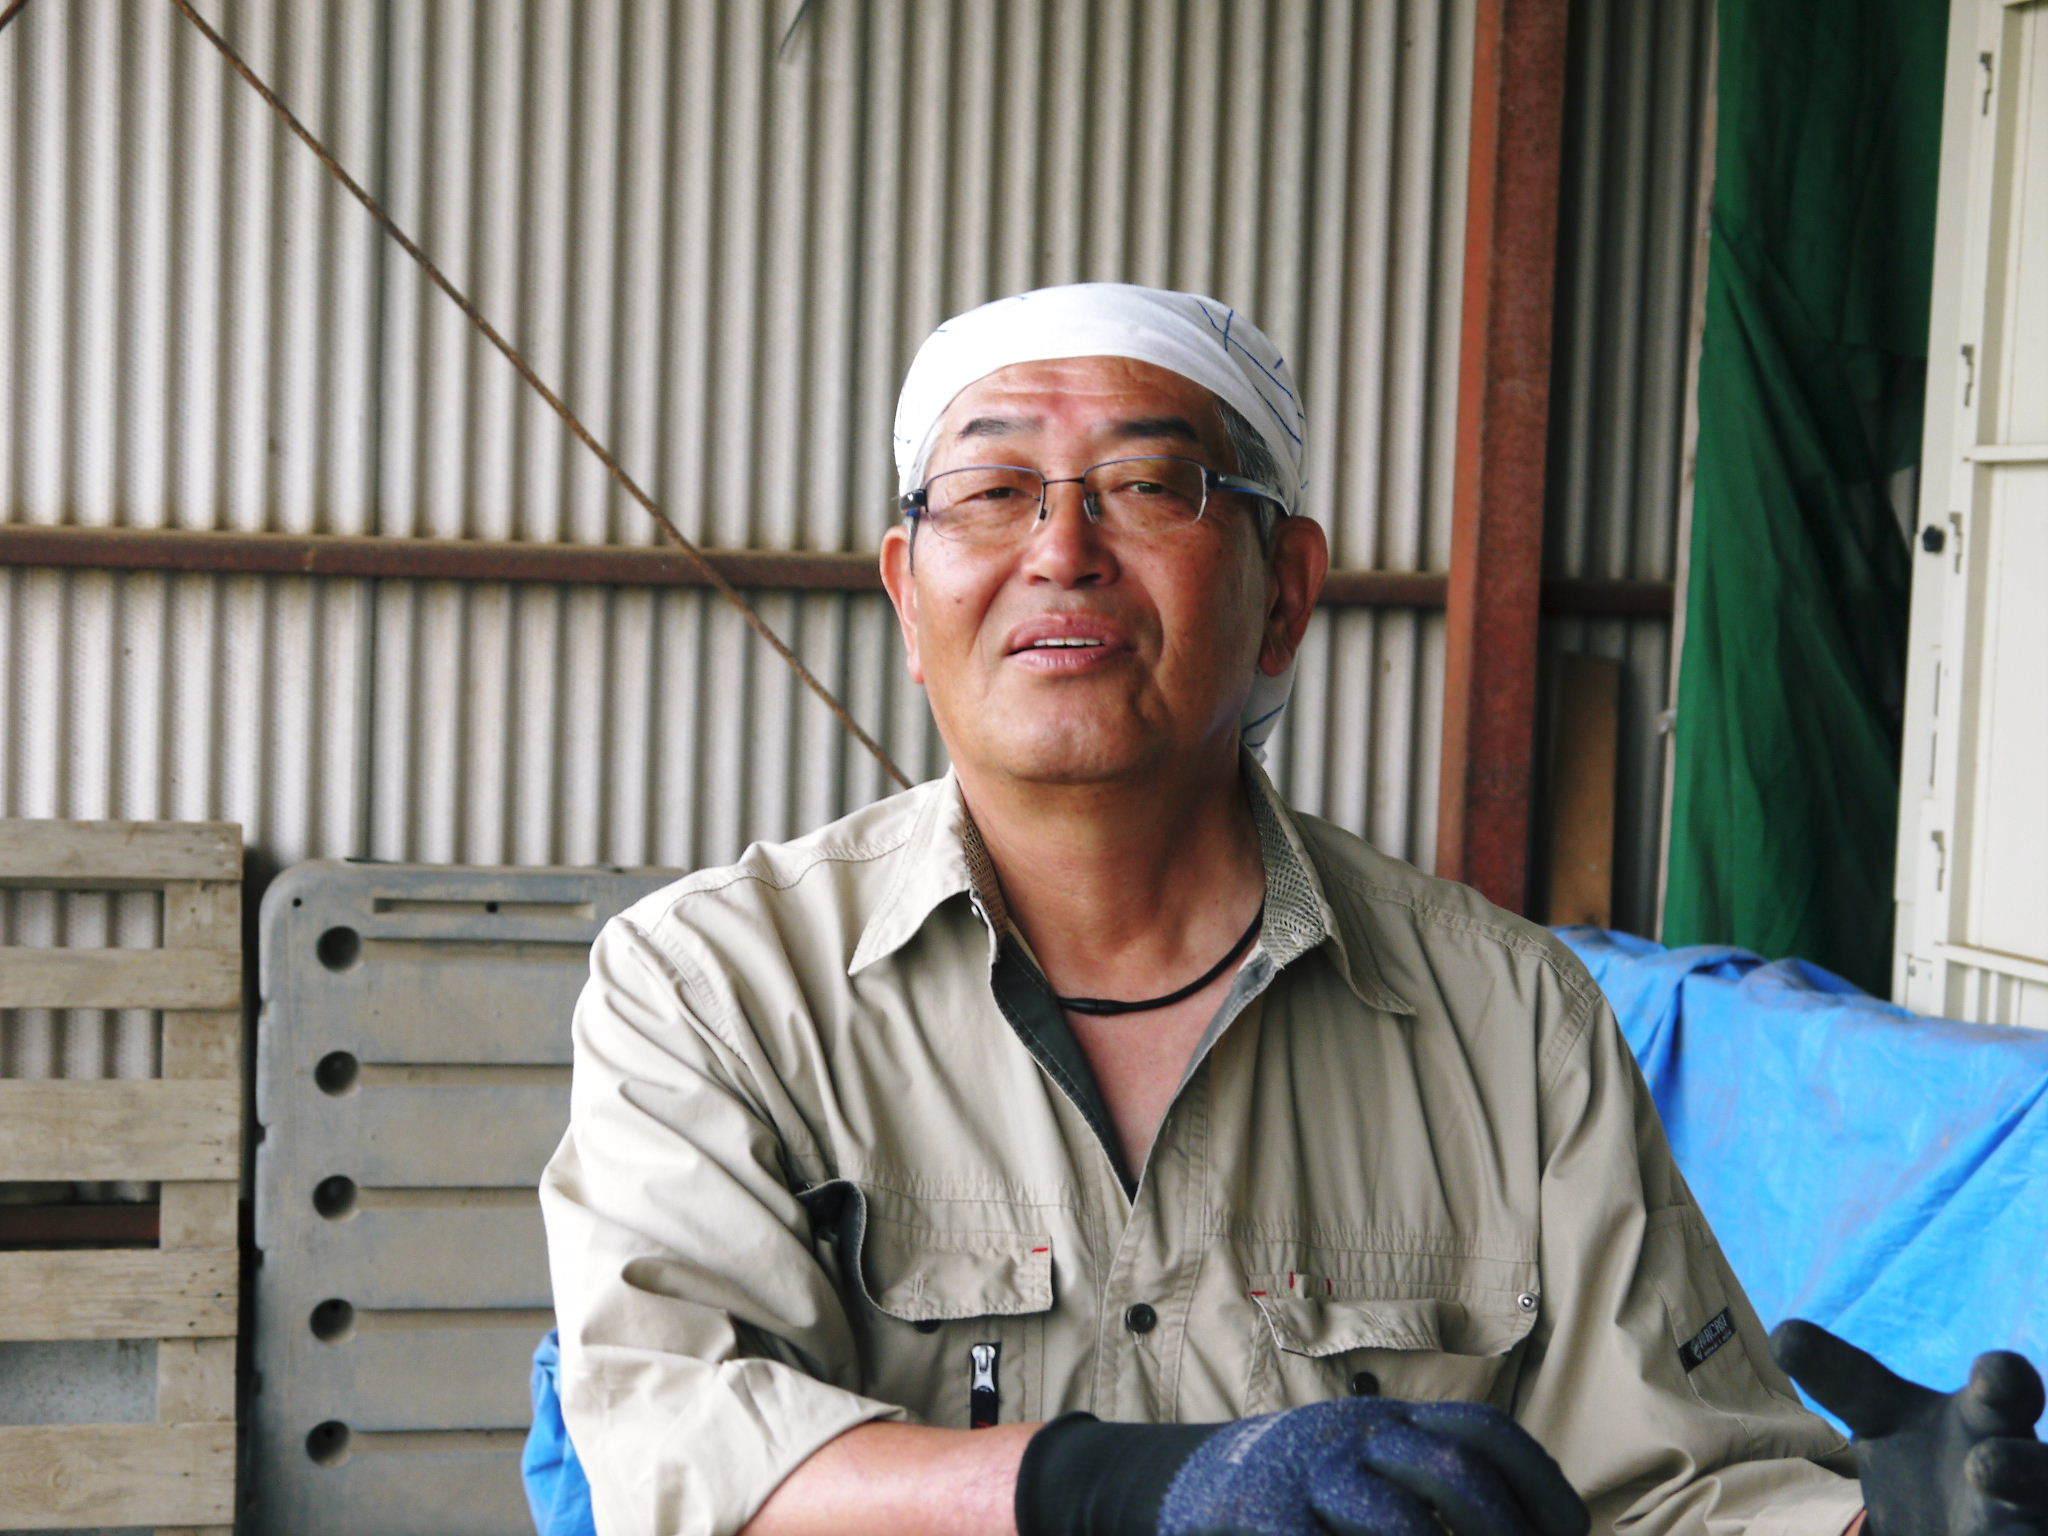 無農薬栽培の米粉、発芽玄米、雑穀米大好評発売中!「健康農園」さんの令和2年度の米作りがスタート!_a0254656_19560181.jpg